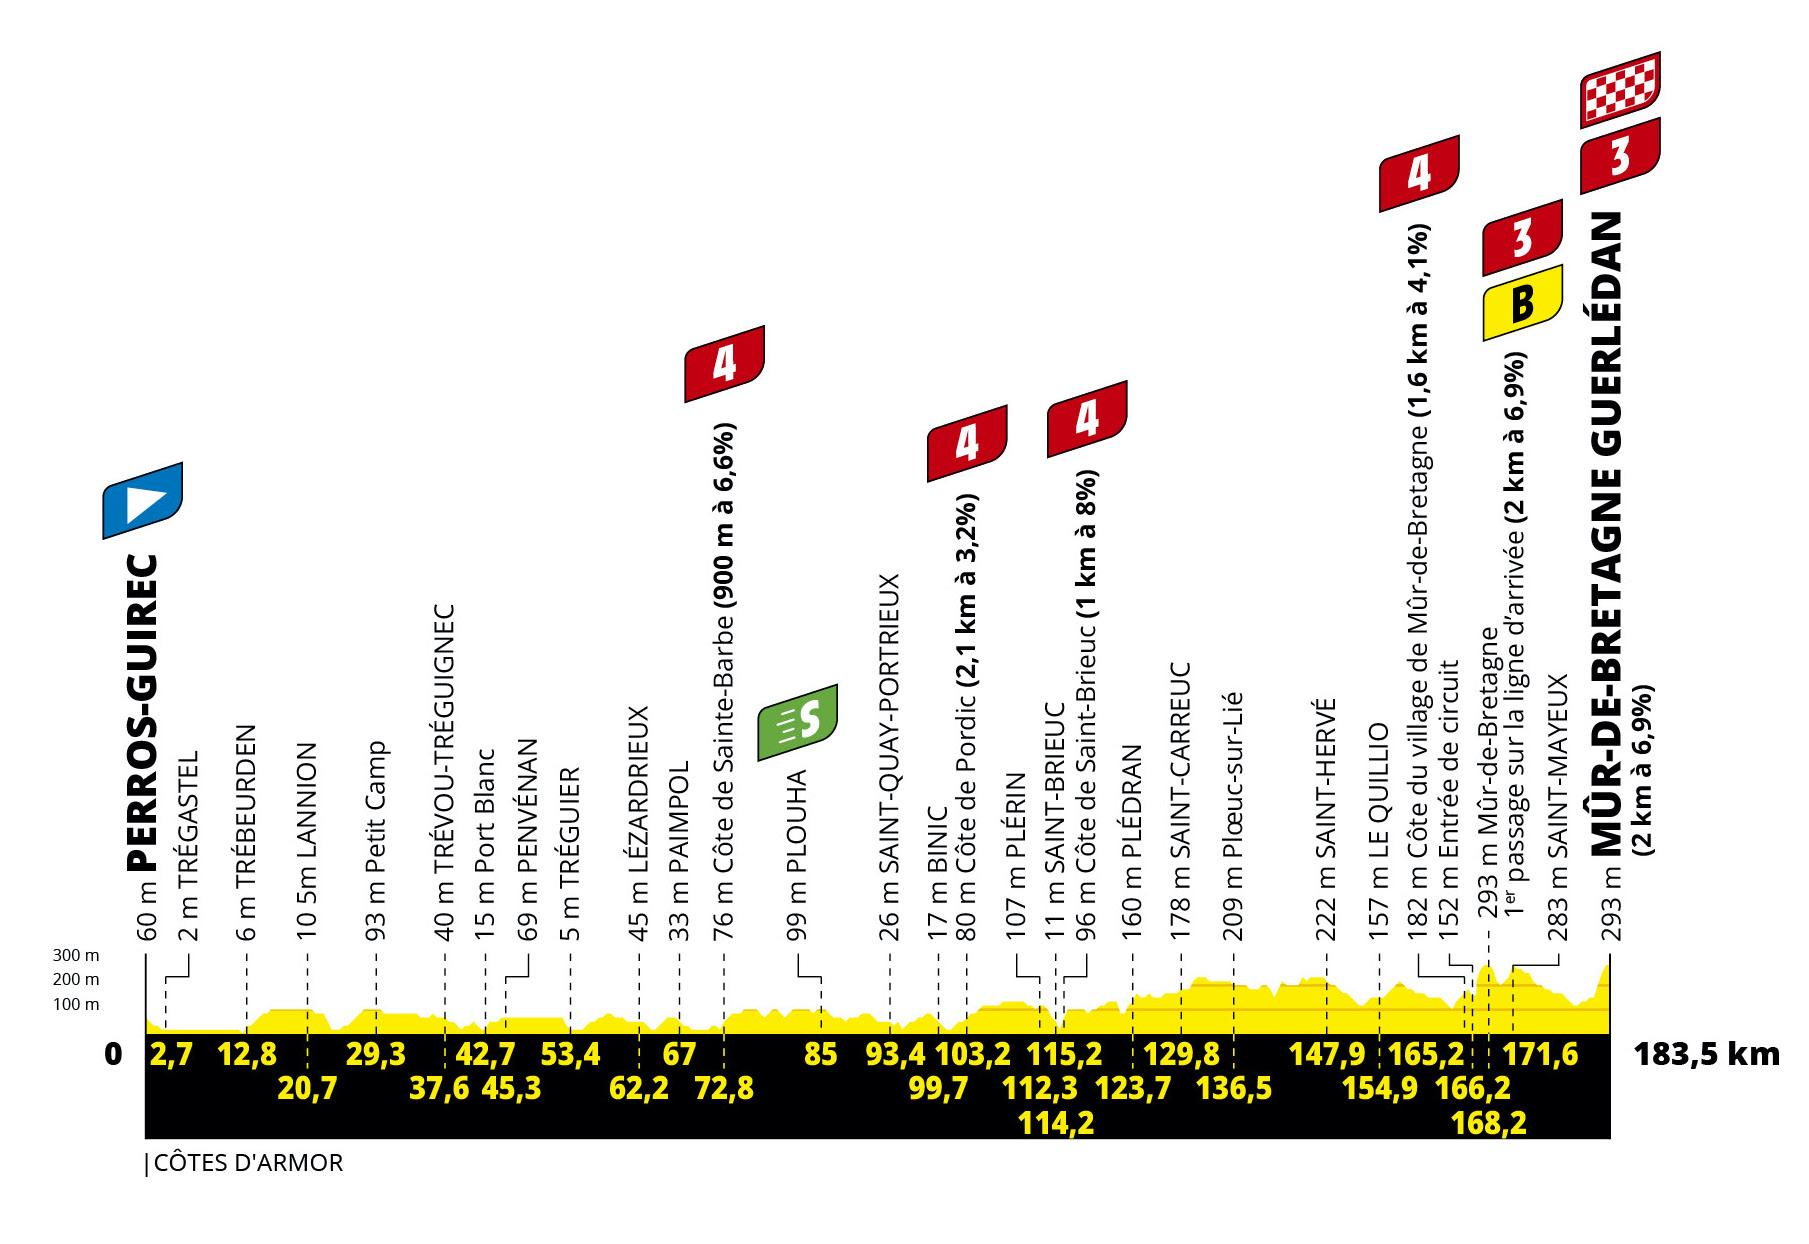 Eksempel: Hvad du har brug for at vide om etape 2 i Tour de France 2021